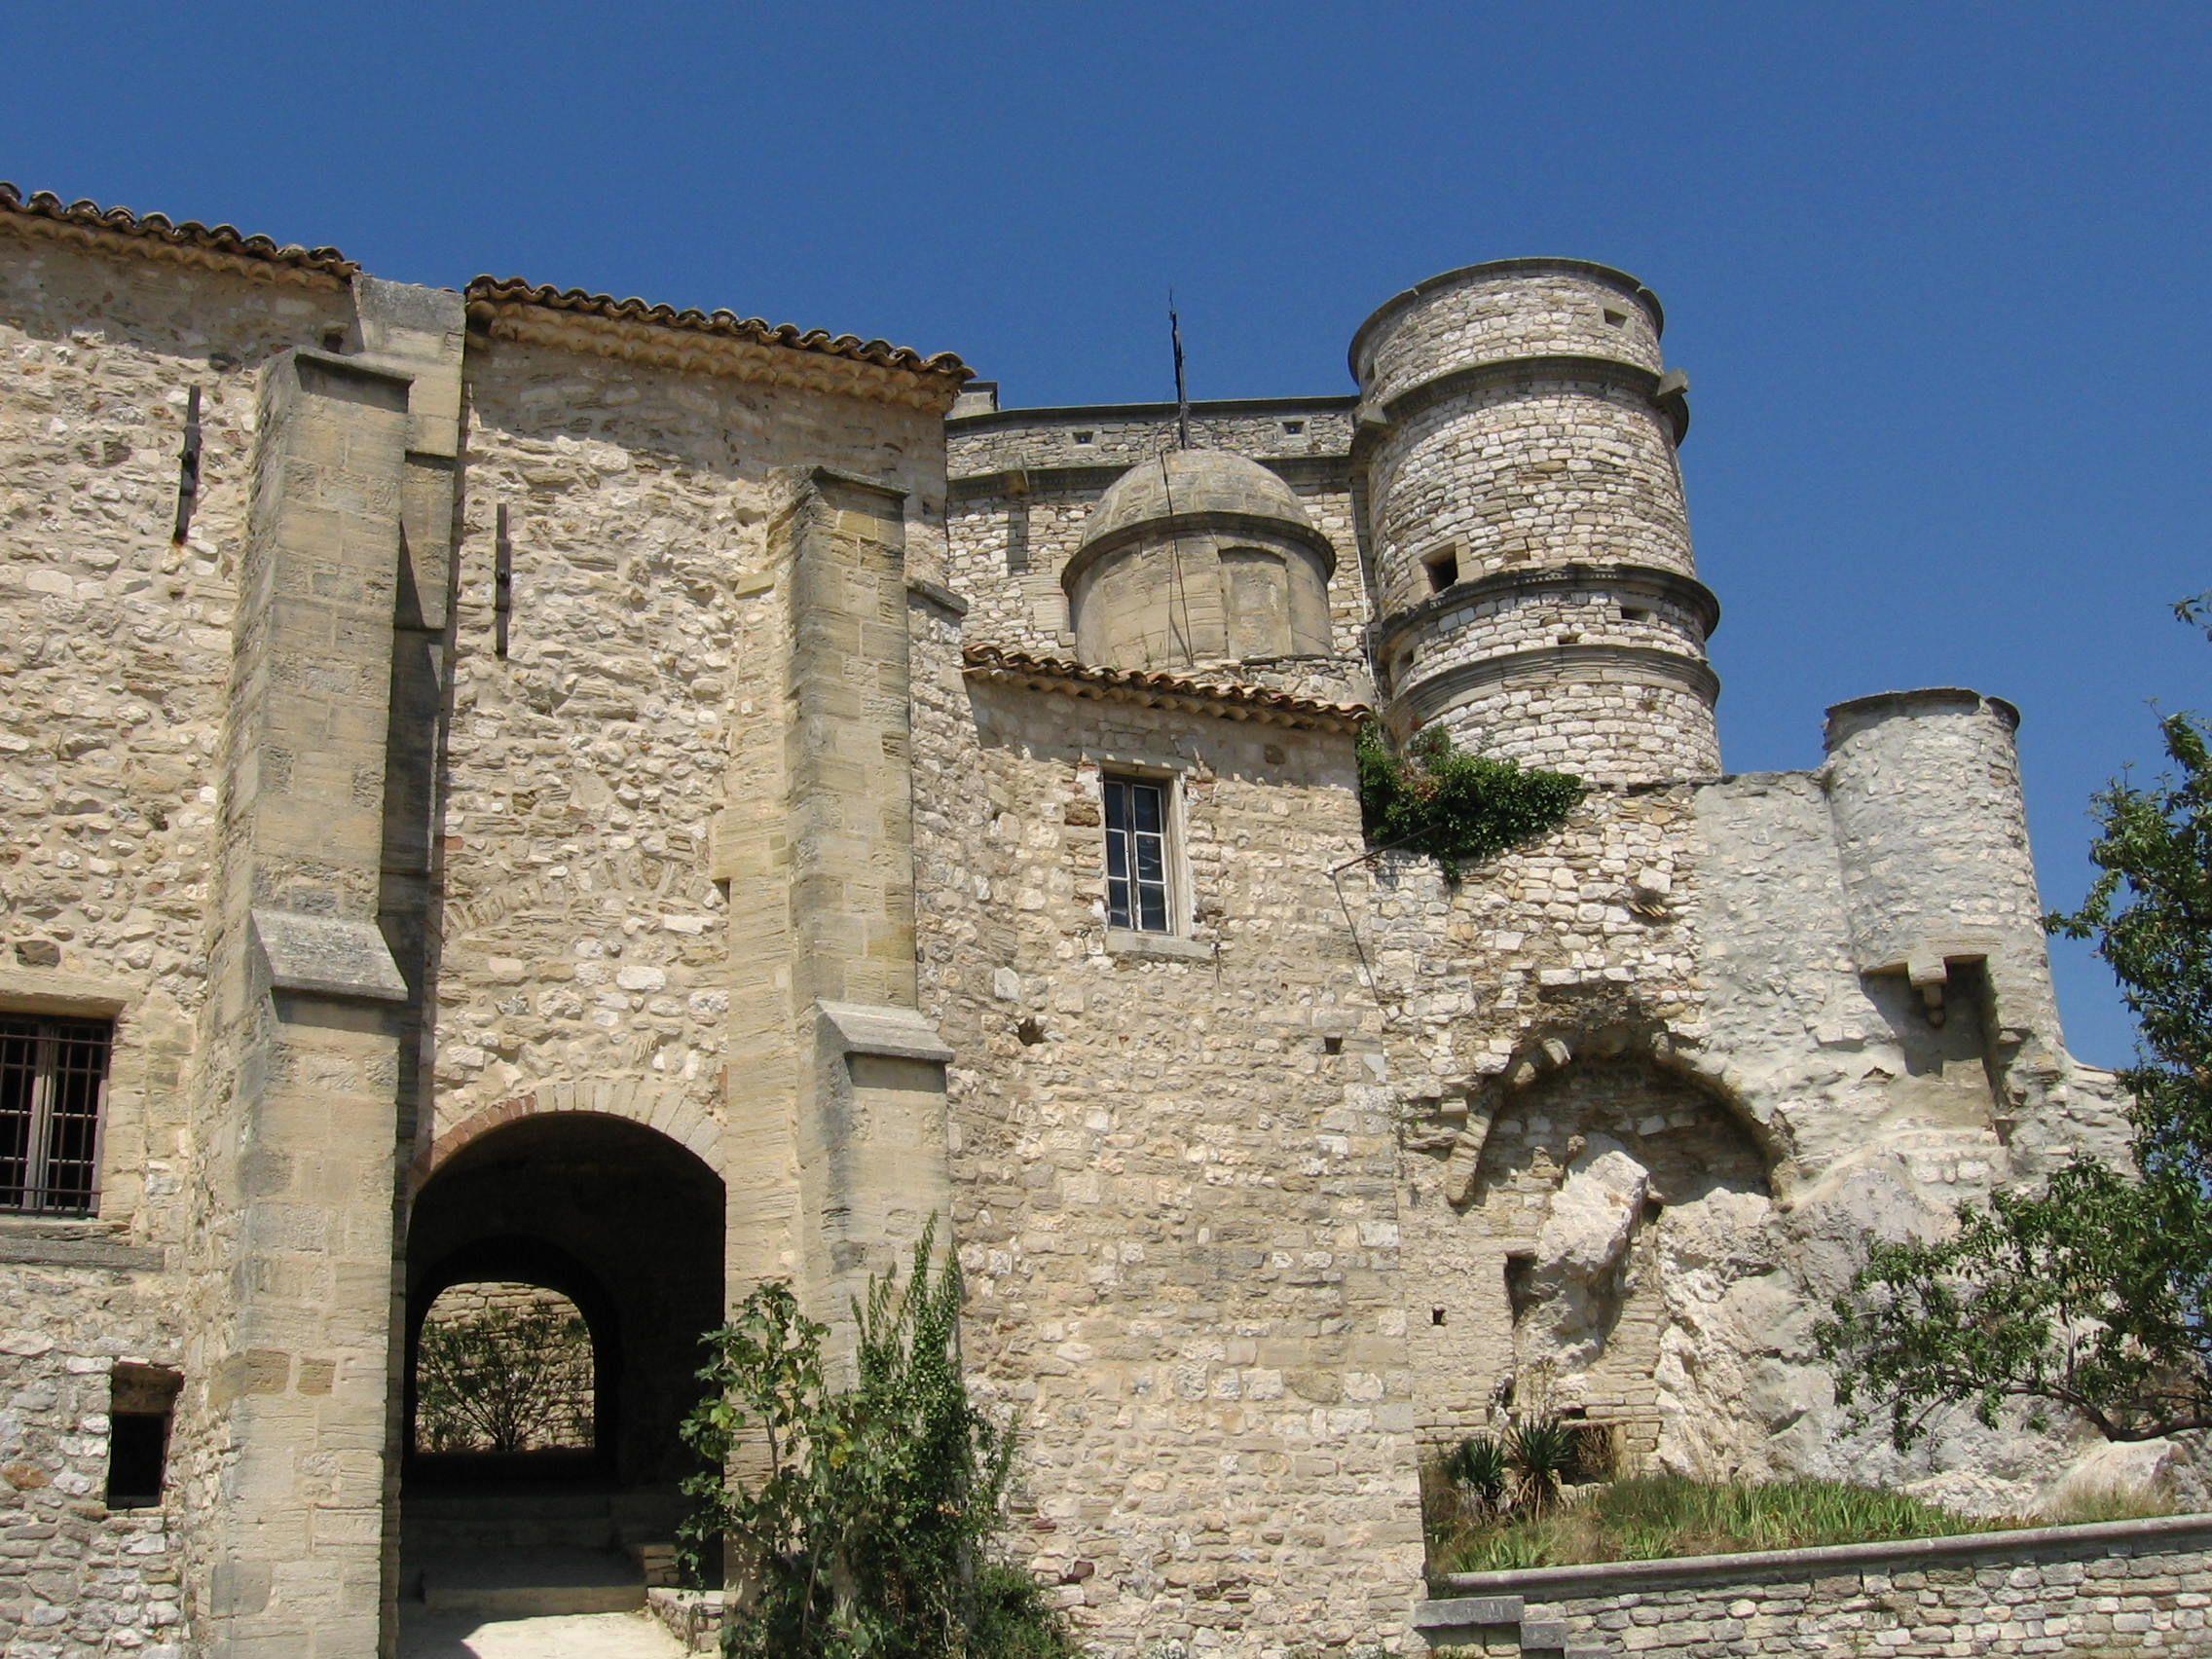 Château du Barroux, Le Barroux, Provence-Alpes-Côte d'Azur